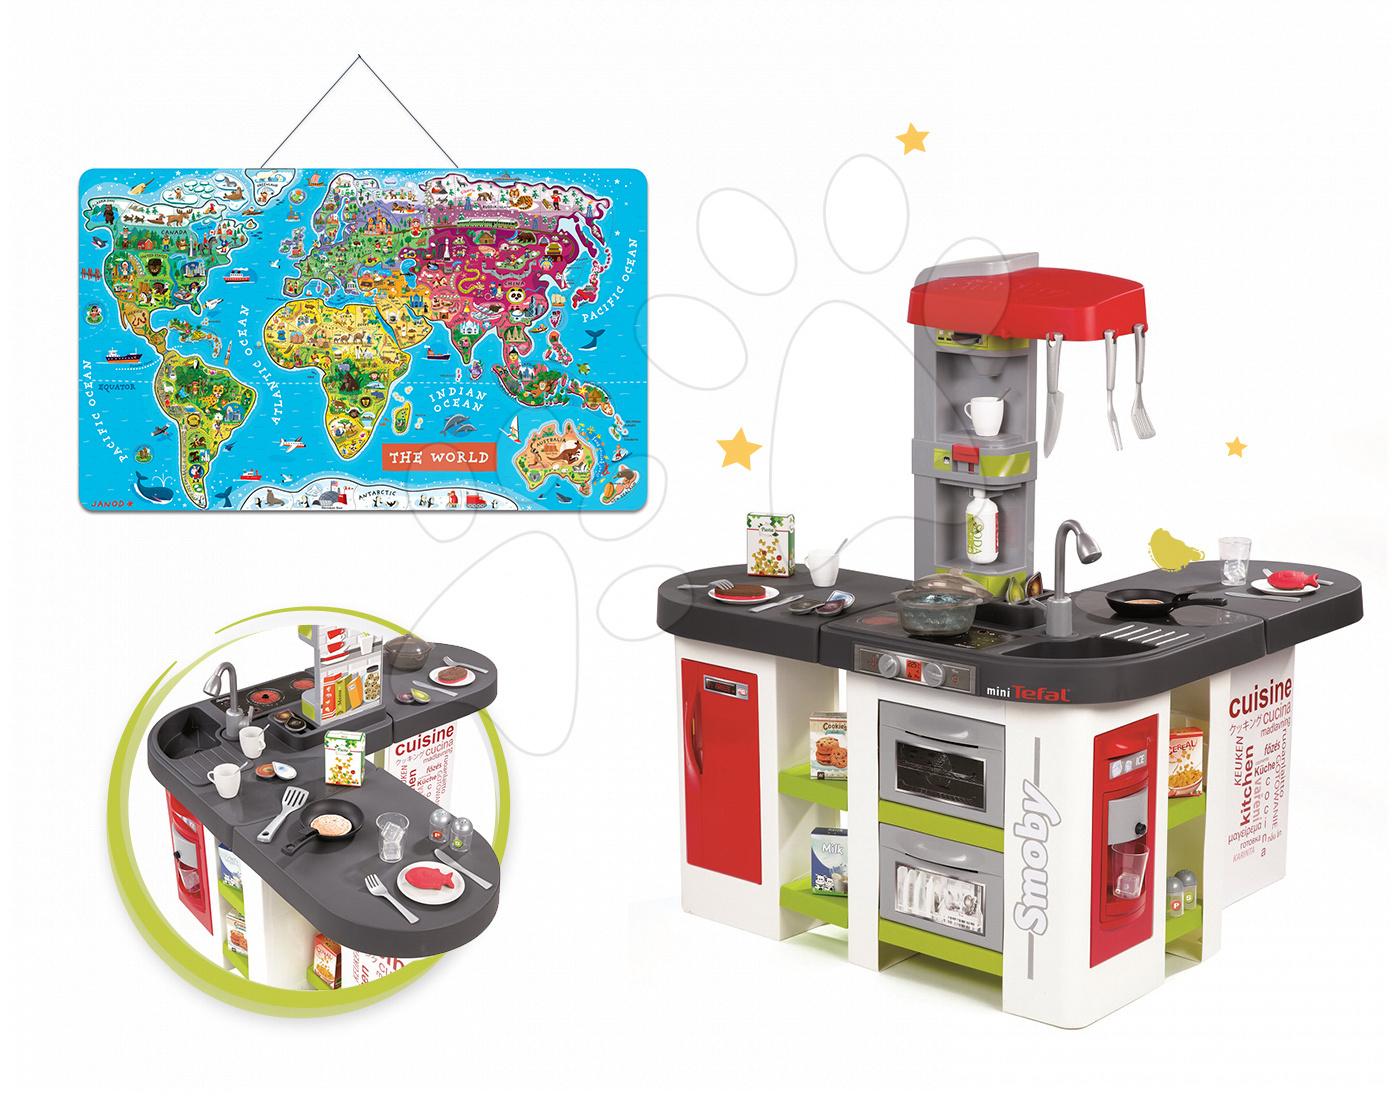 Set dětská kuchyňka Tefal Studio XXL Smoby elektronická s magickým bubláním a magnetická mapa světa